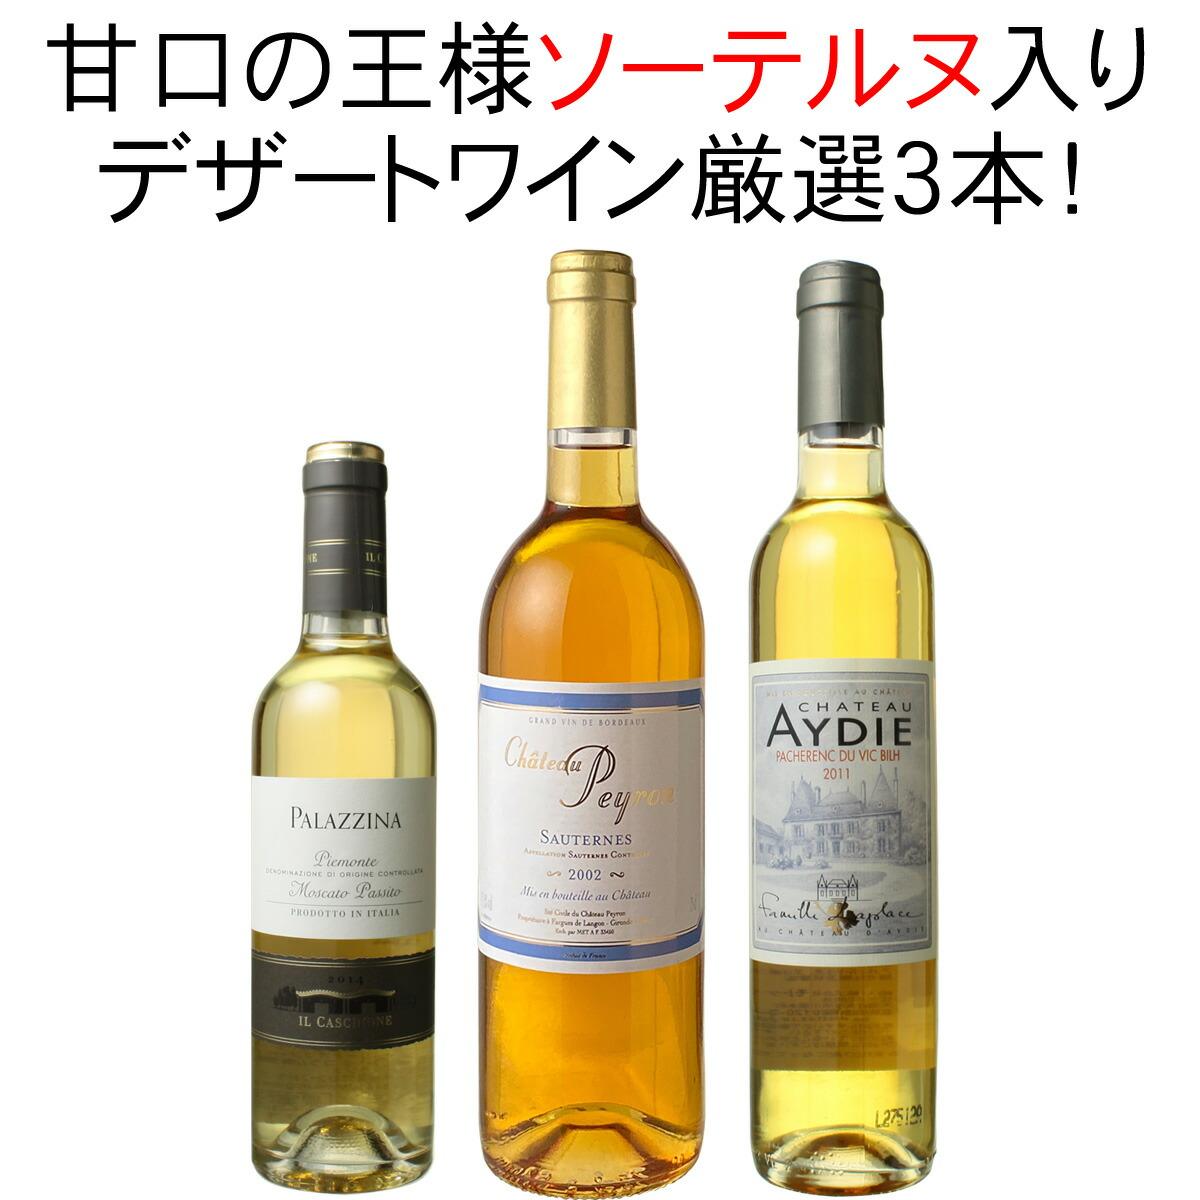 ワインセット 甘口 白ワイン 3本 セット ソーテルヌ入 貴腐ワイン パッシート 家飲み 御祝 誕生日 ハロウィン ギフト プレゼント デザートワインだけ